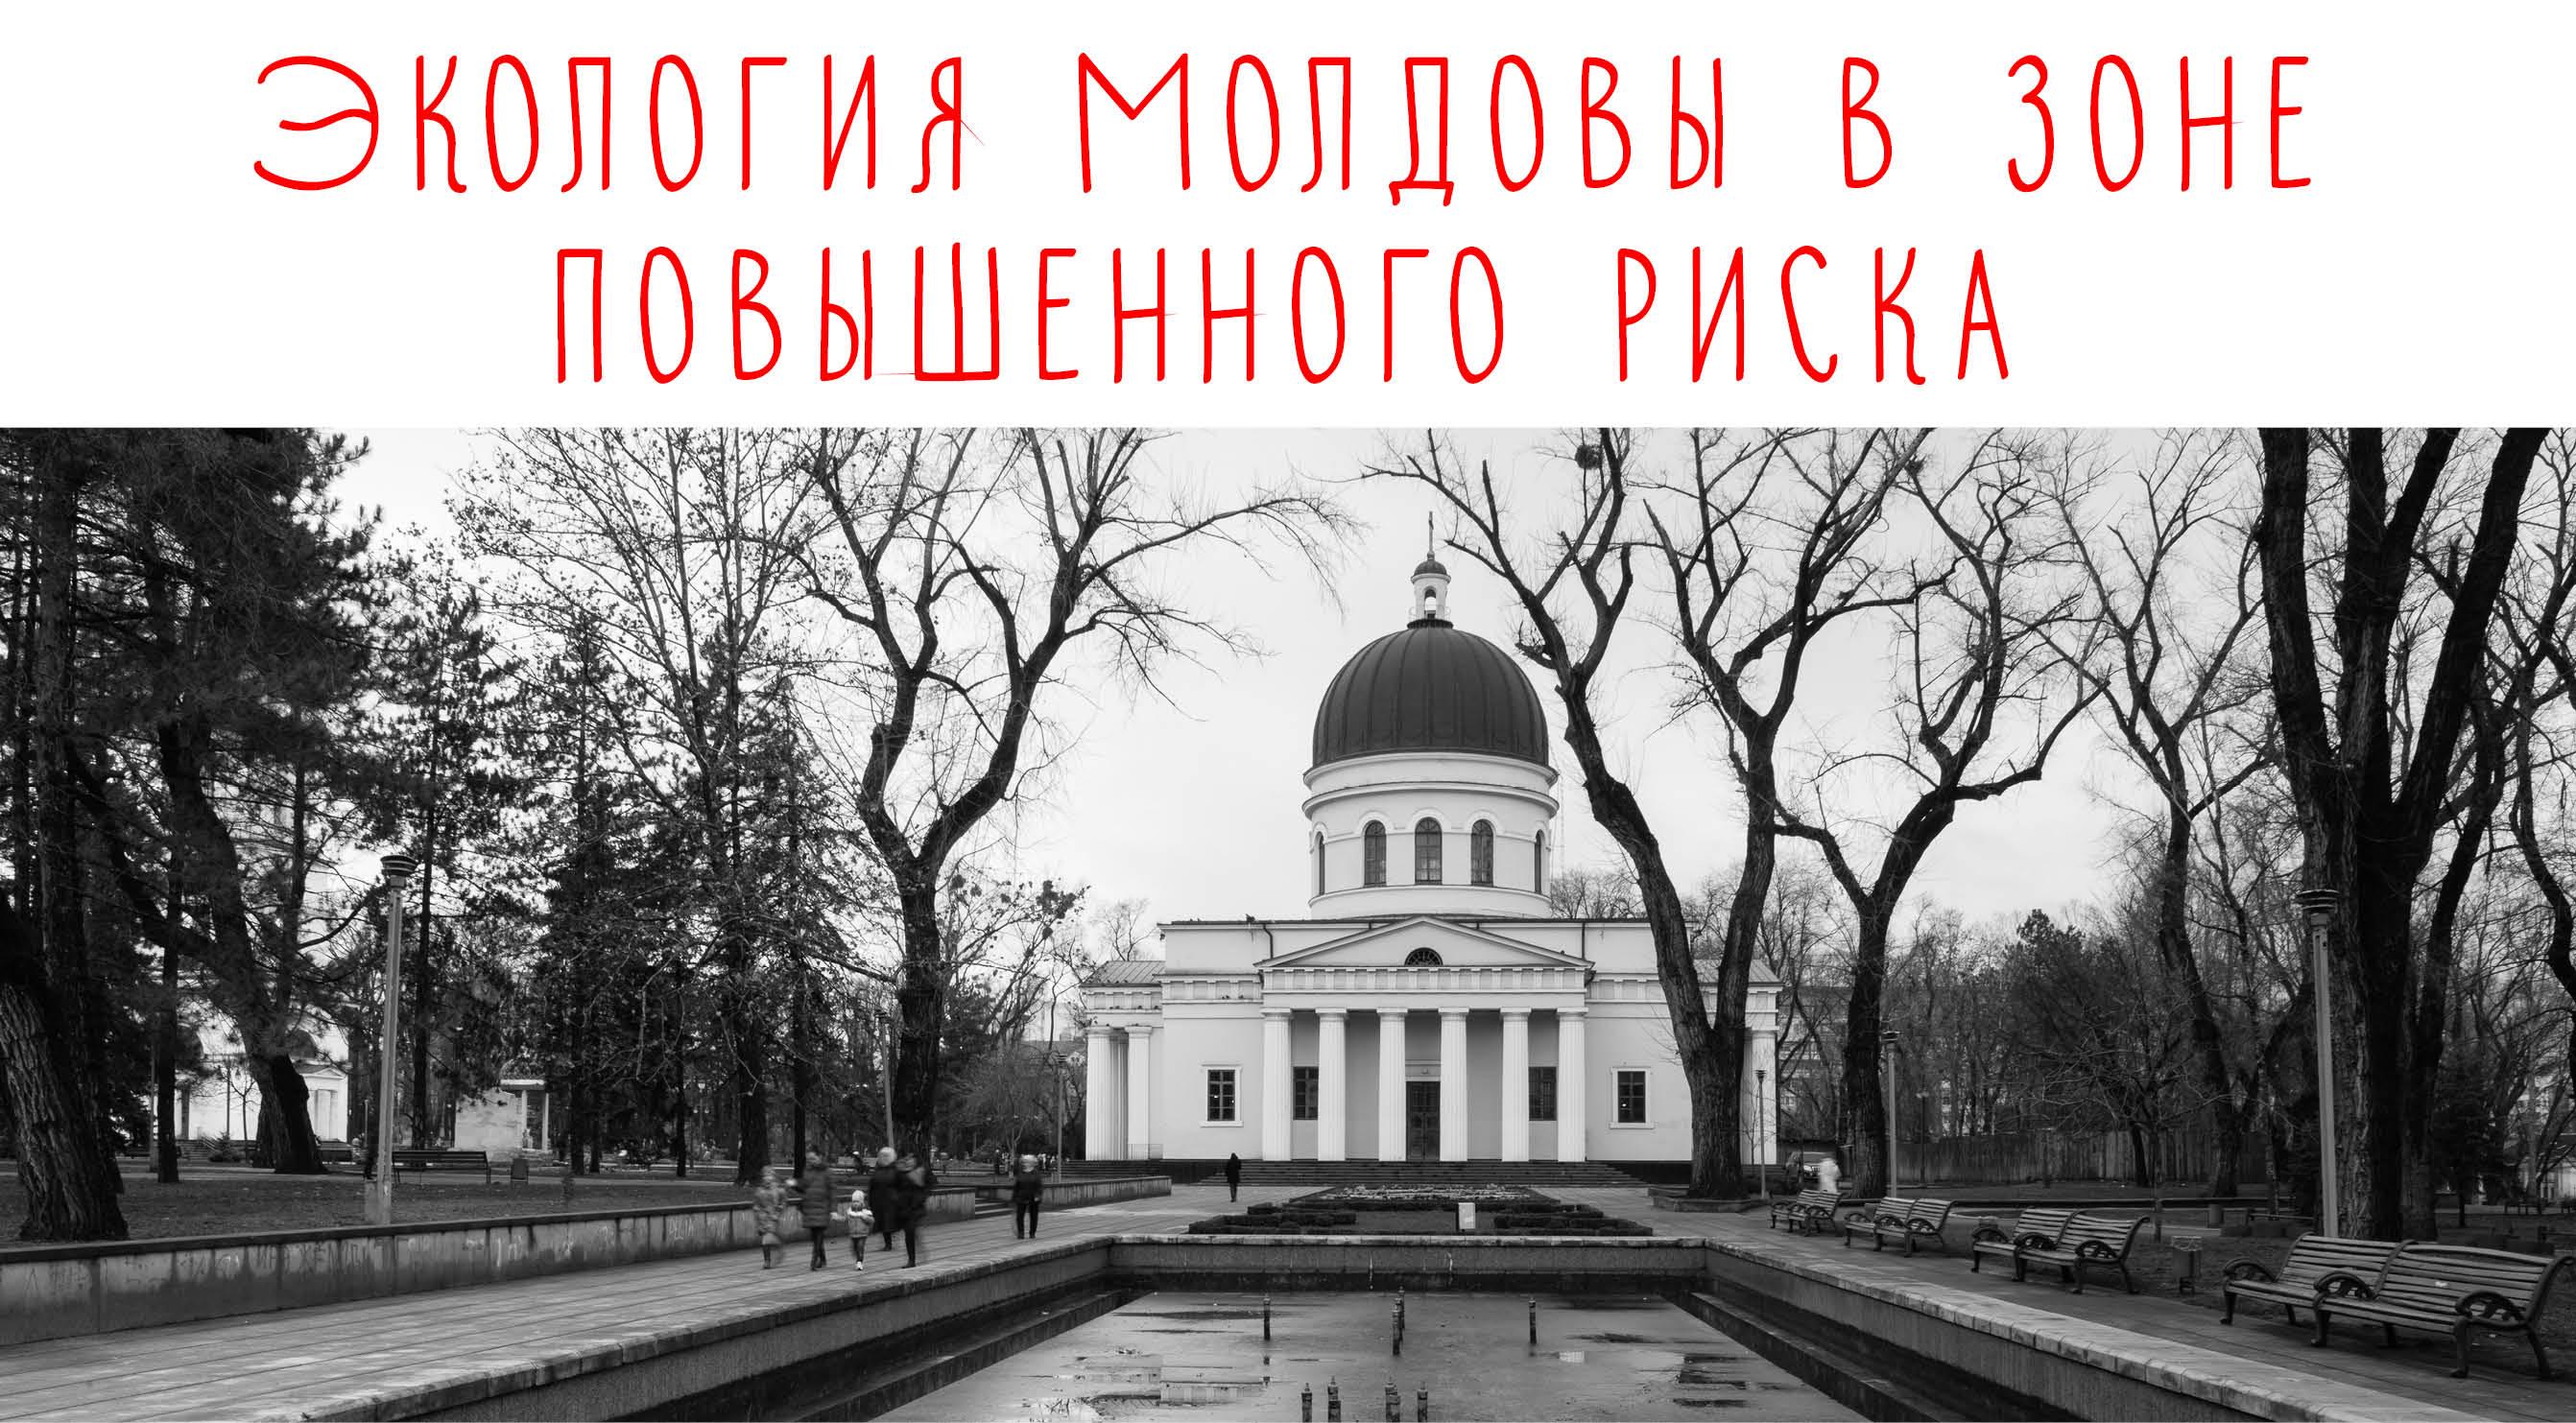 Экология Молдовы в зоне повышенного риска